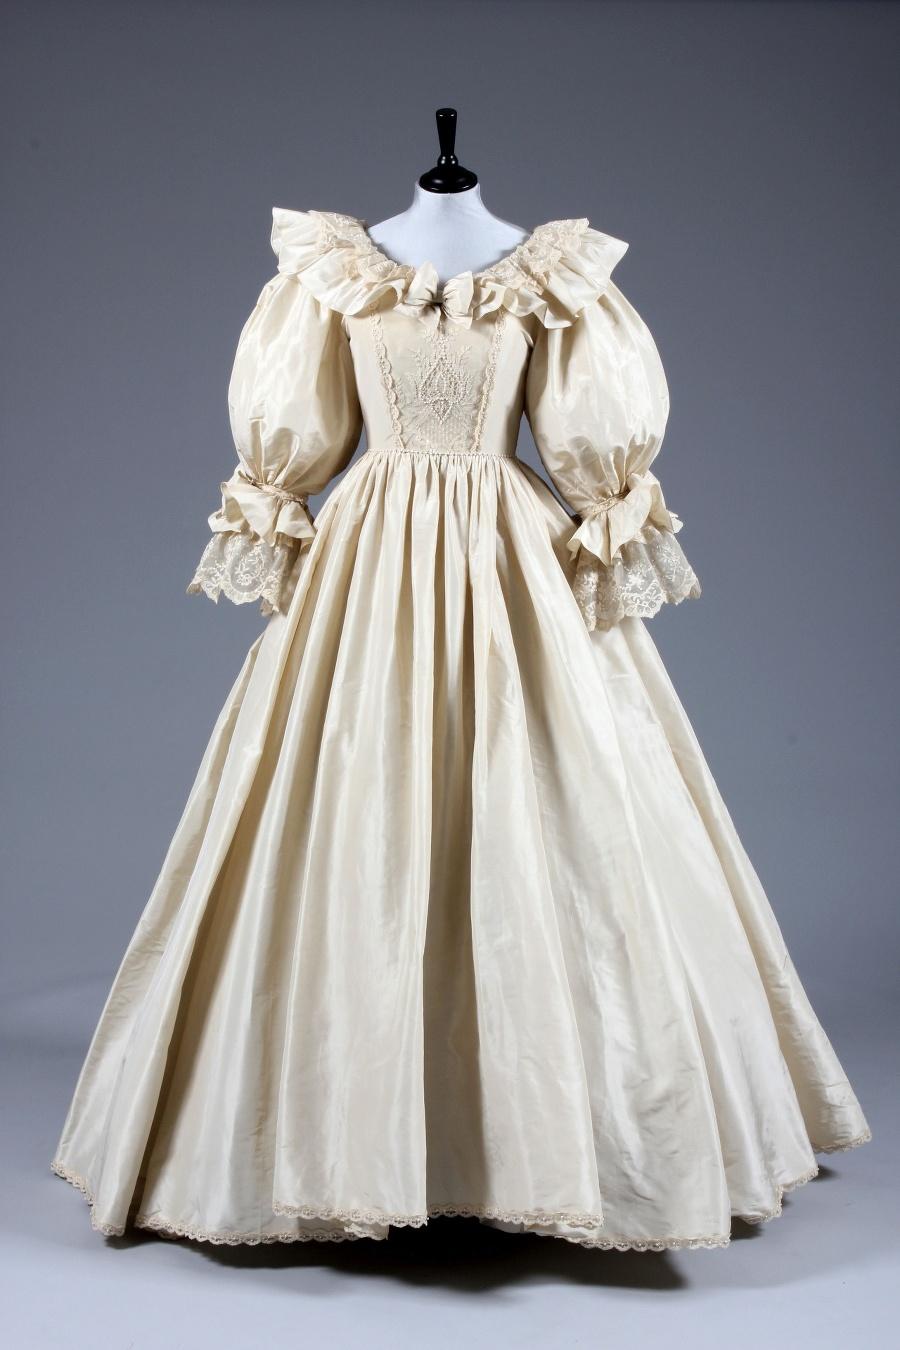 Svadobné šaty princeznej Diany